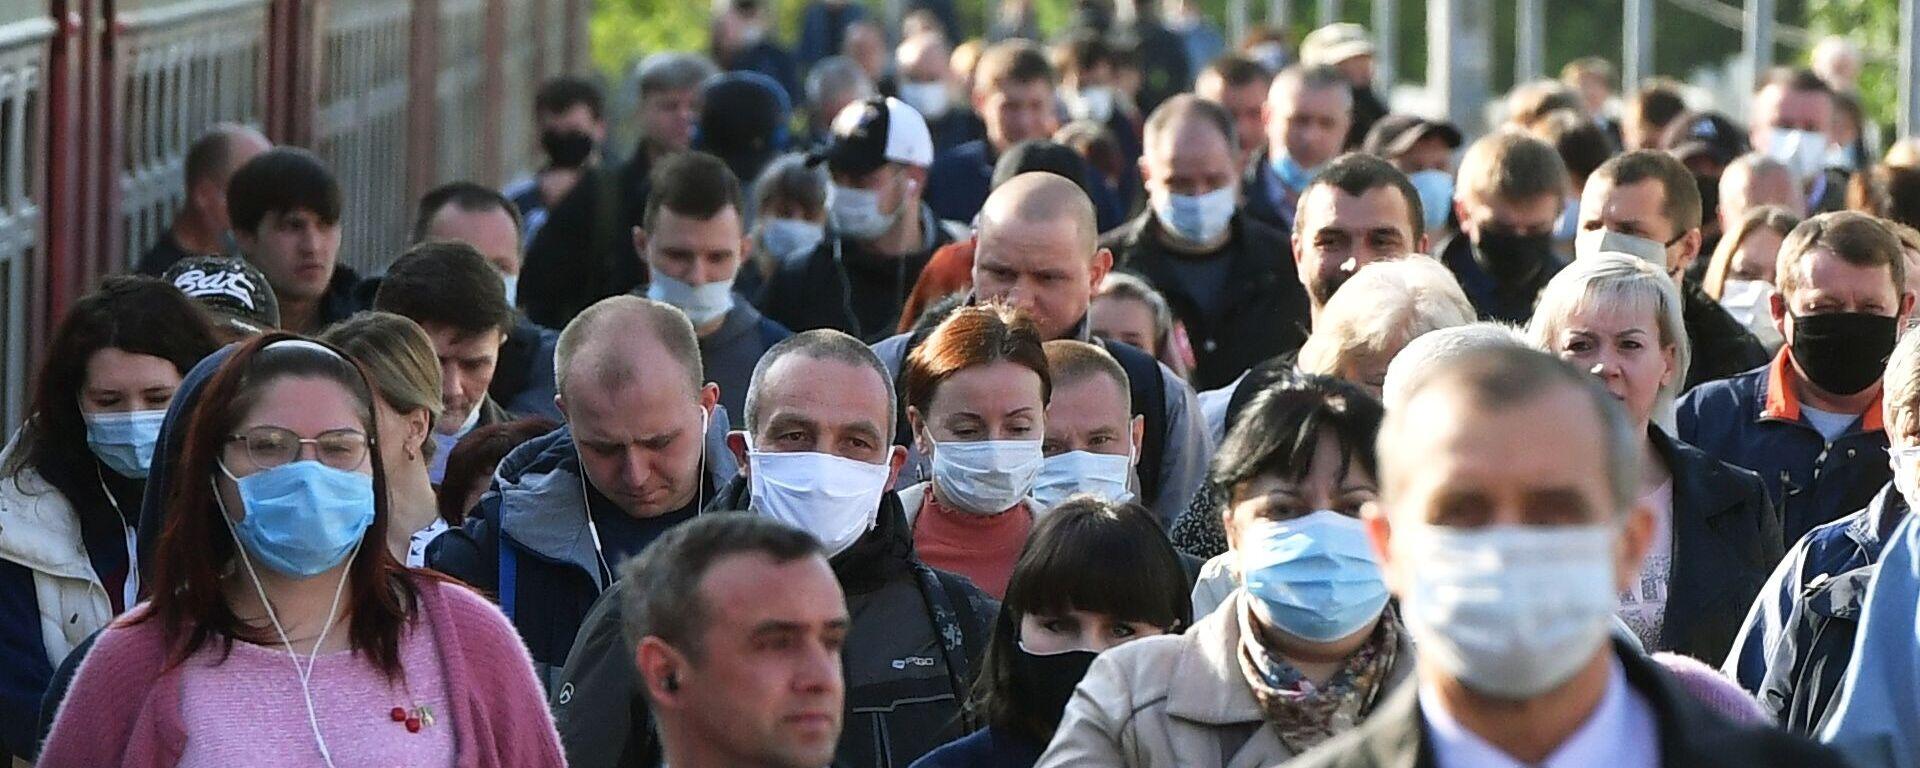 Пассажиры на платформе вокзала в масках - Sputnik Таджикистан, 1920, 12.01.2021